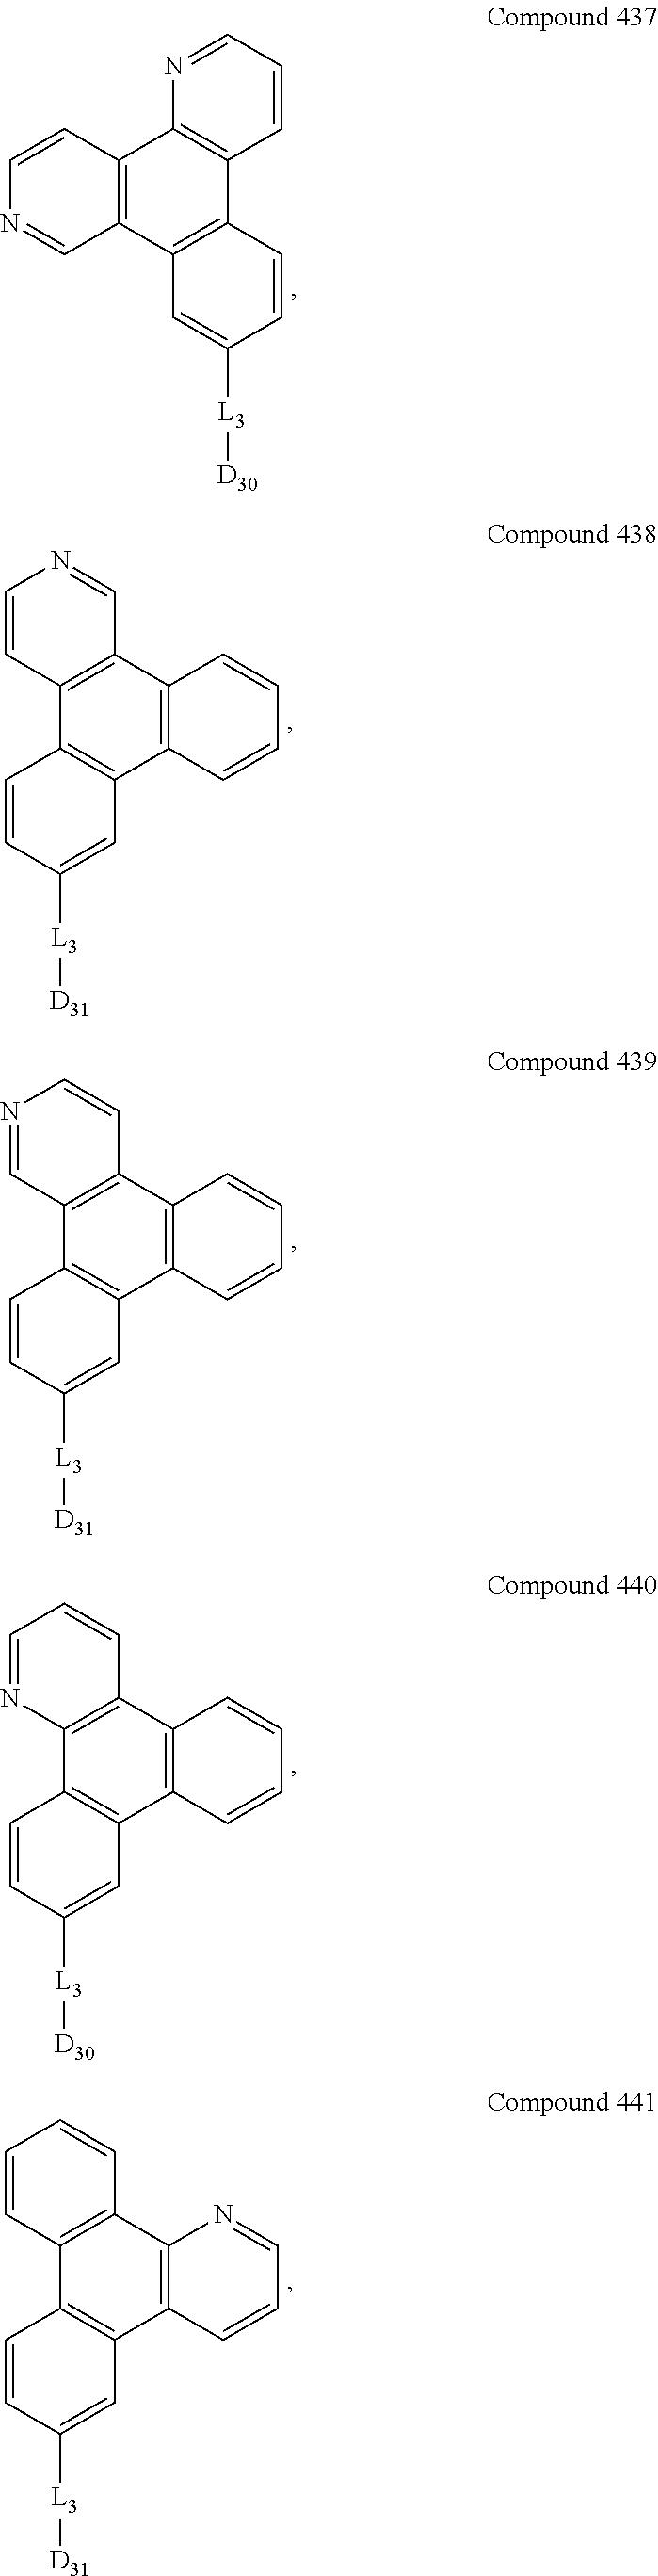 Figure US09537106-20170103-C00243